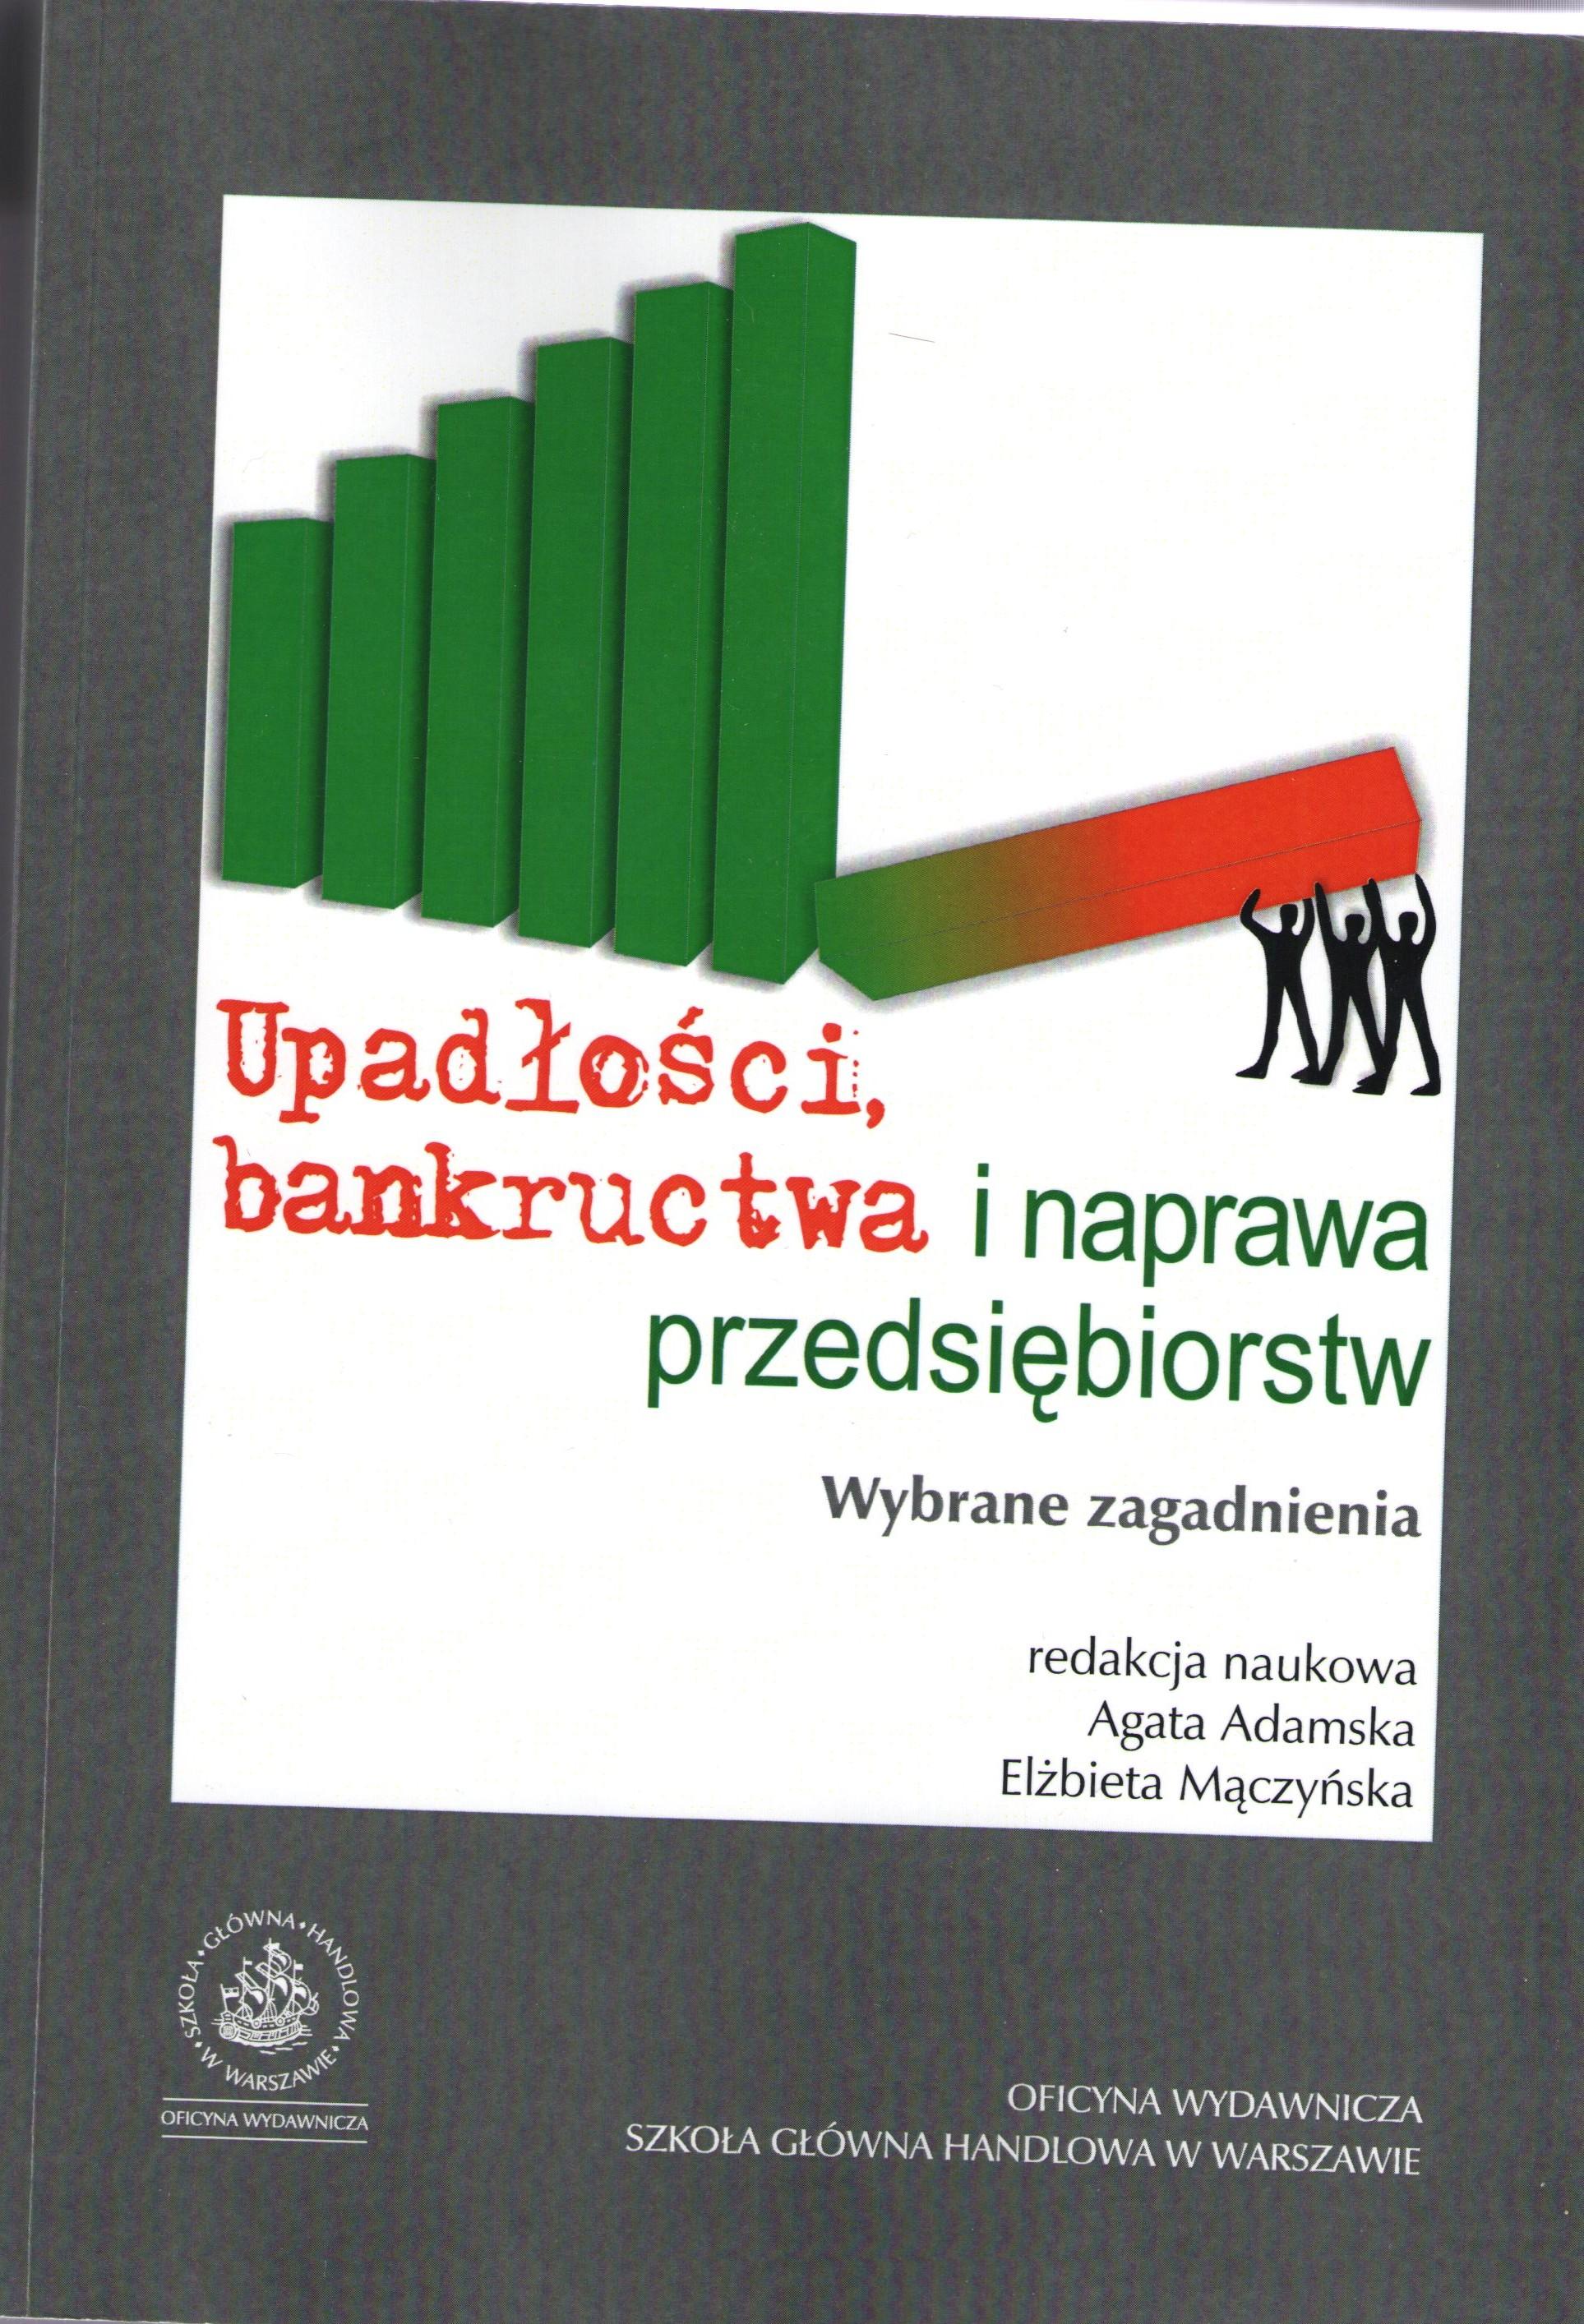 upadlosci-bankructwa-i-naprawa-przedsiebiorstw-wybrane-zagadnienia